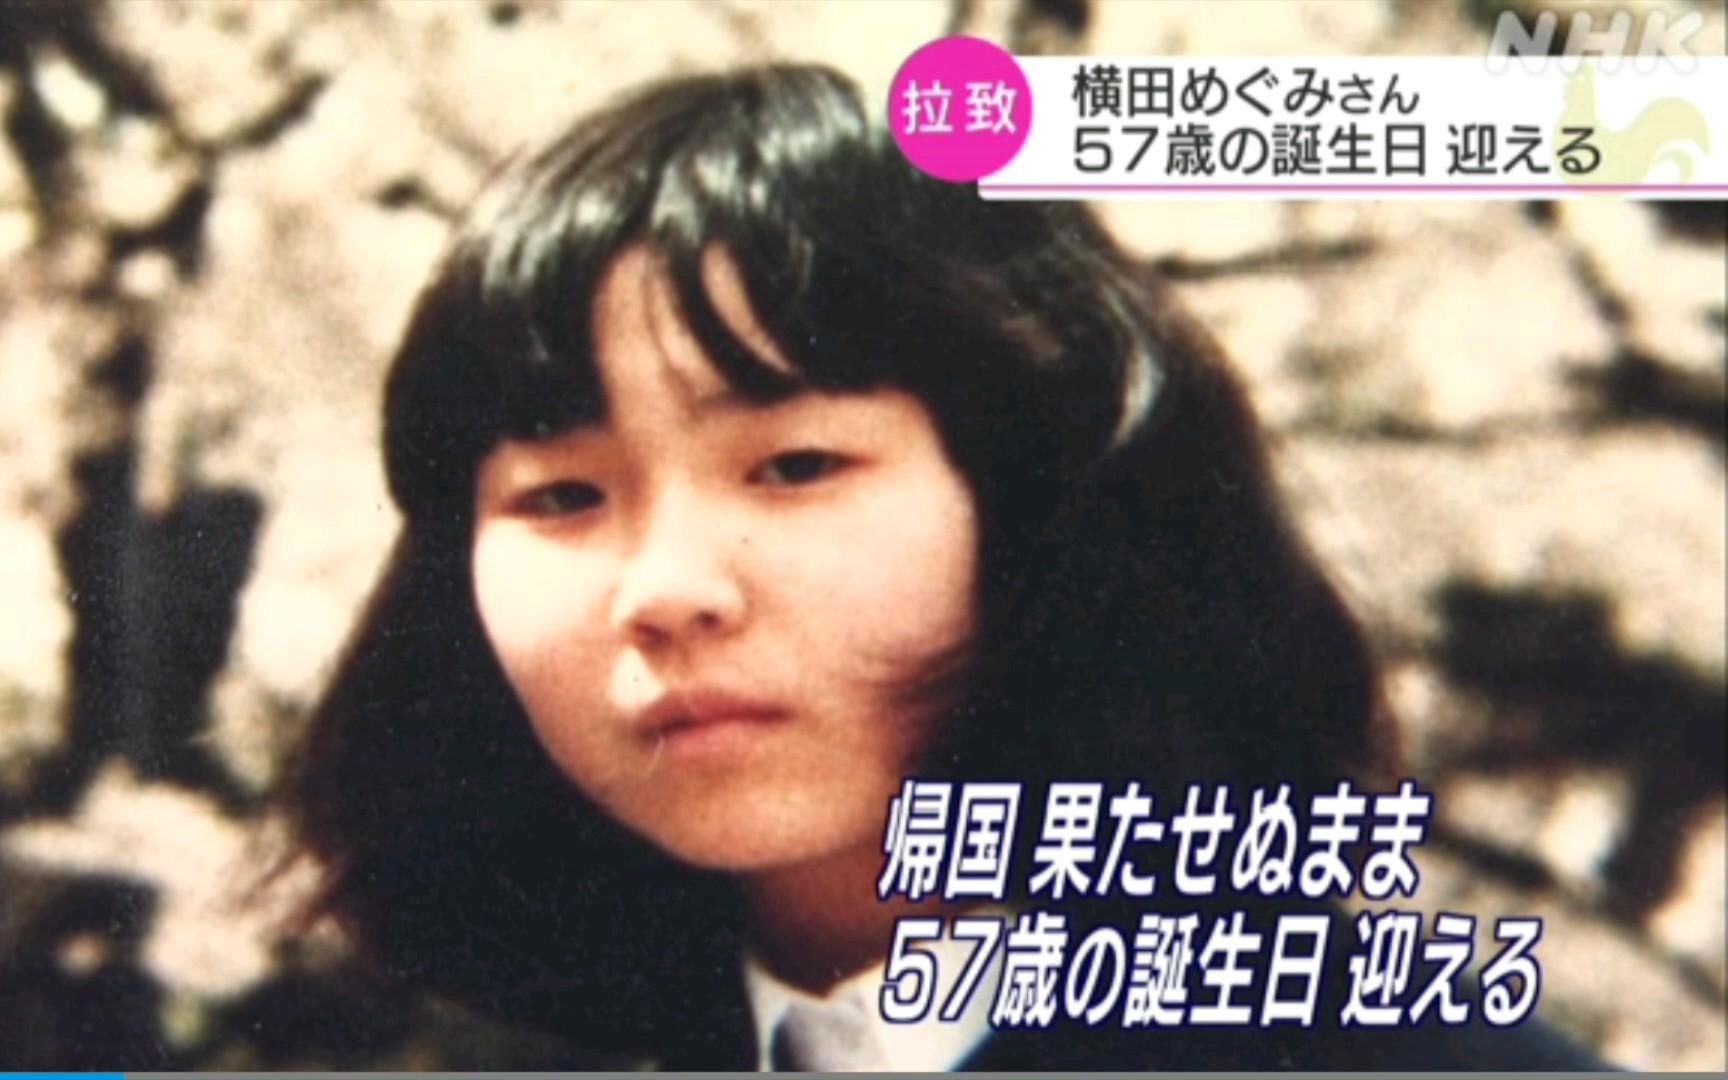 绑架被害者横田惠女士迎来57岁生日